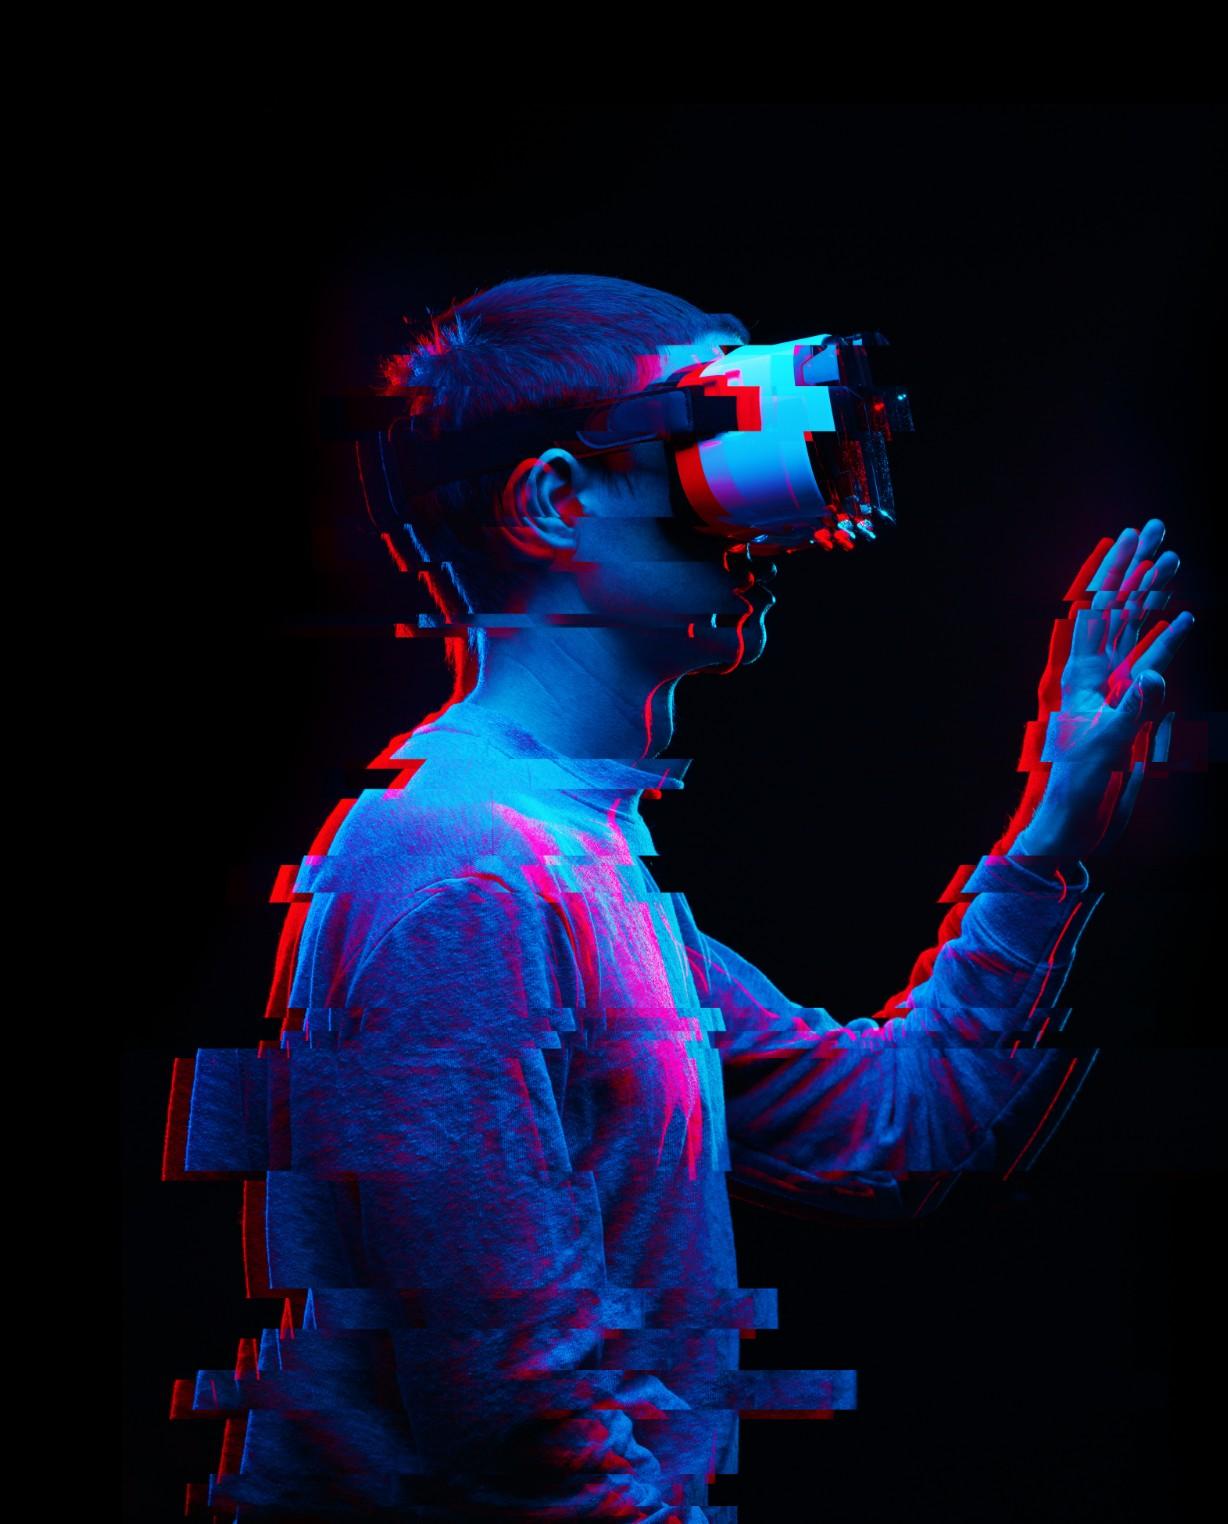 Realidad aumentada: todo lo que necesitas saber